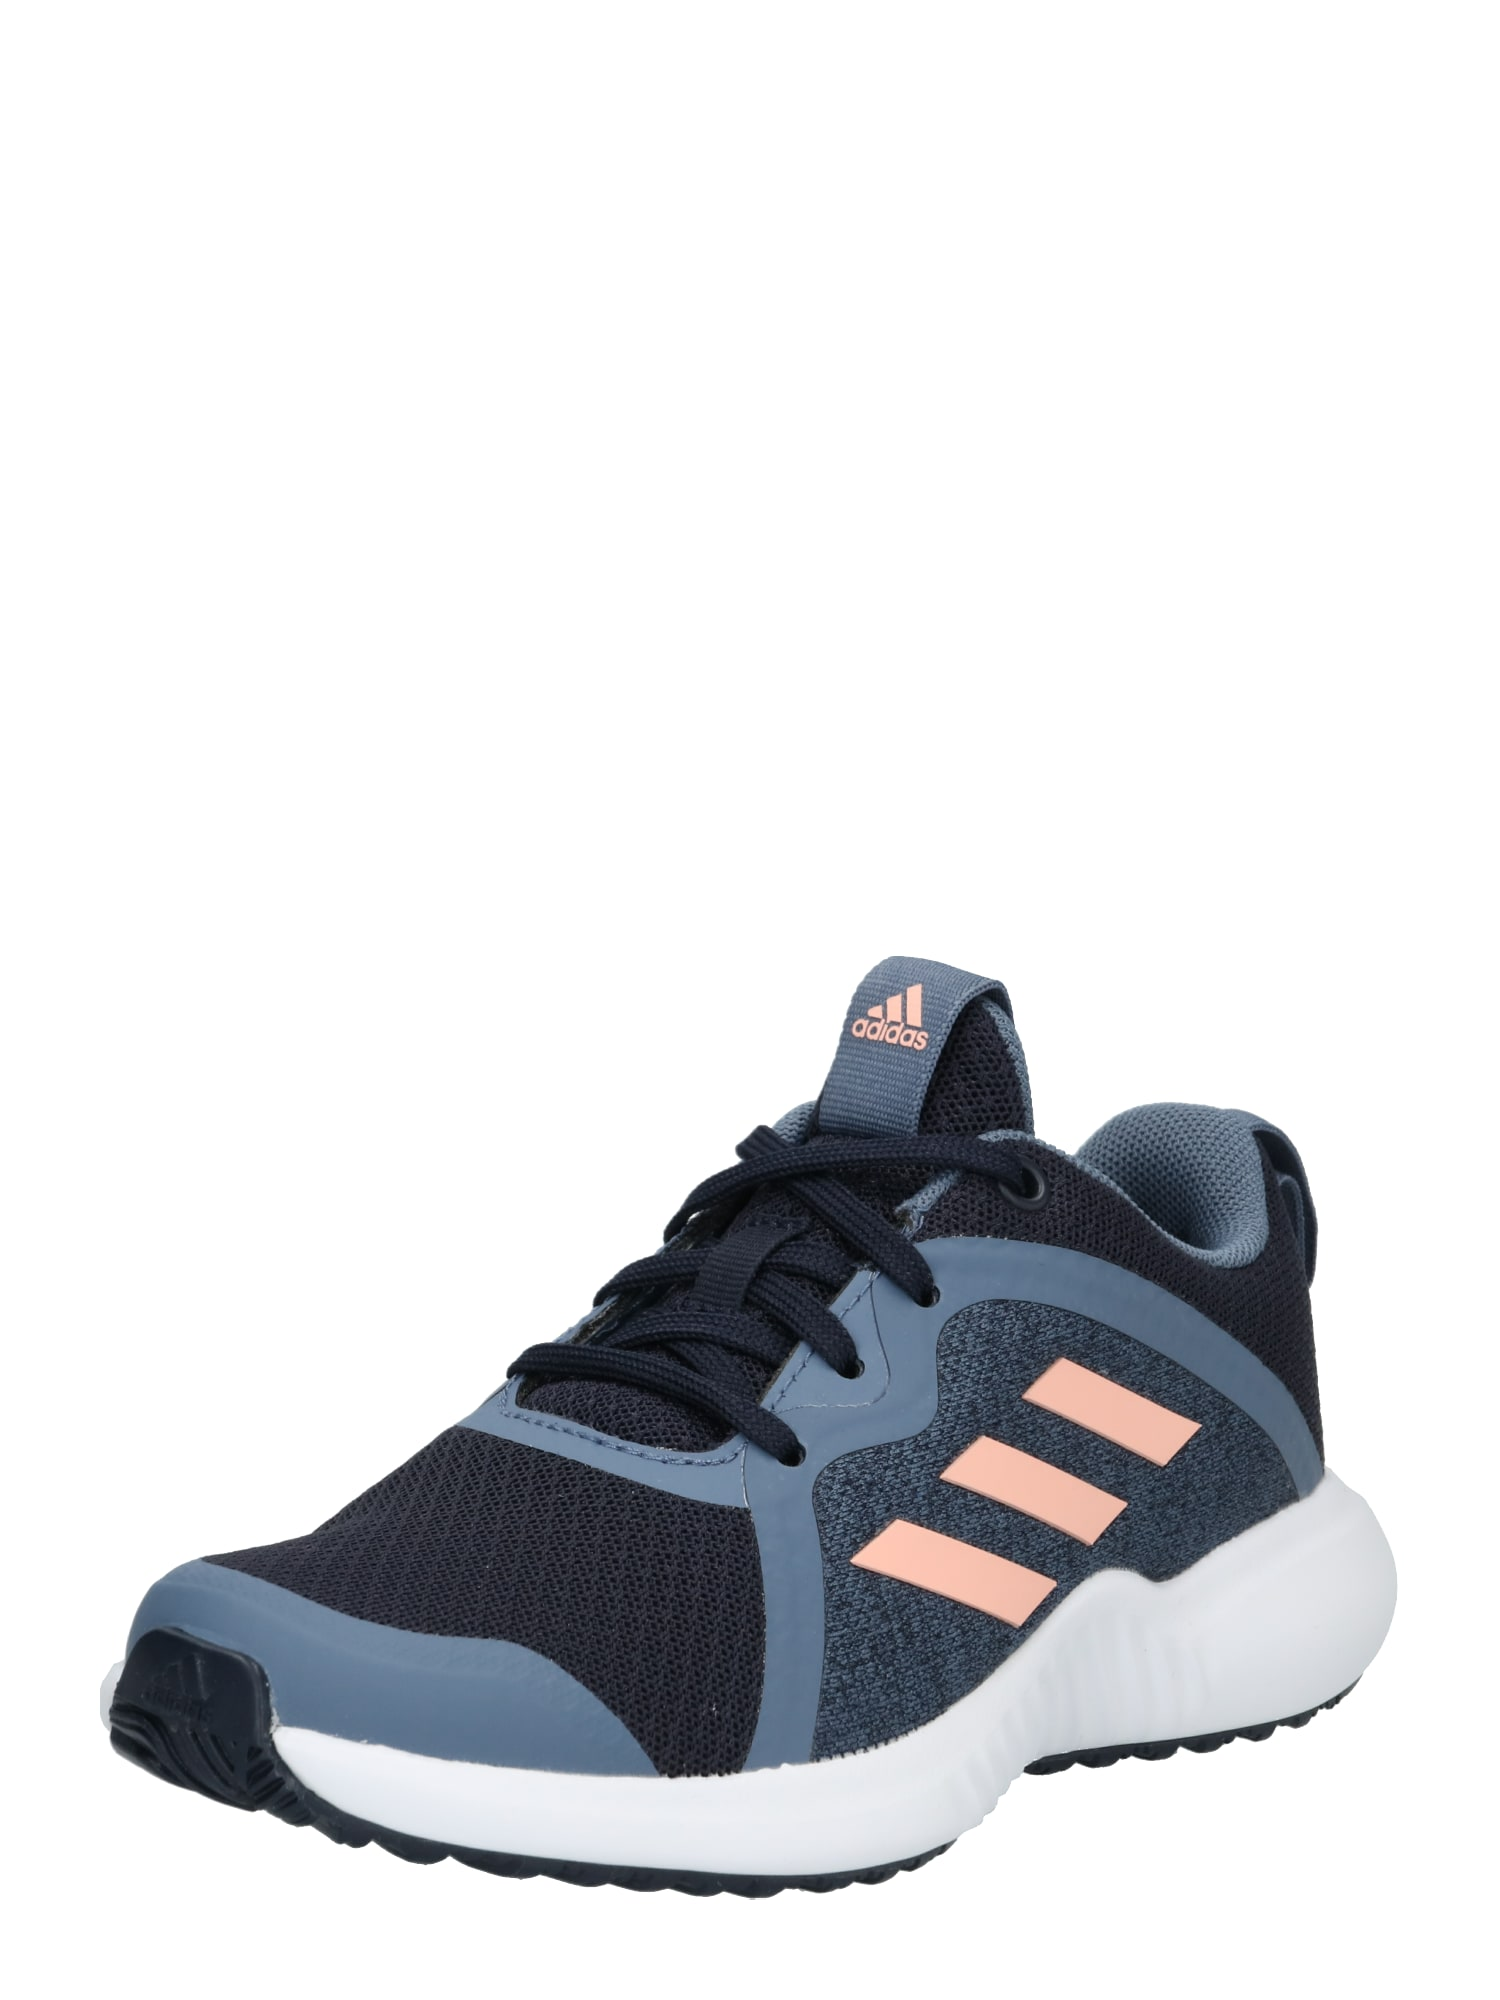 Sportovní boty FortaRun X K modrá černá ADIDAS PERFORMANCE